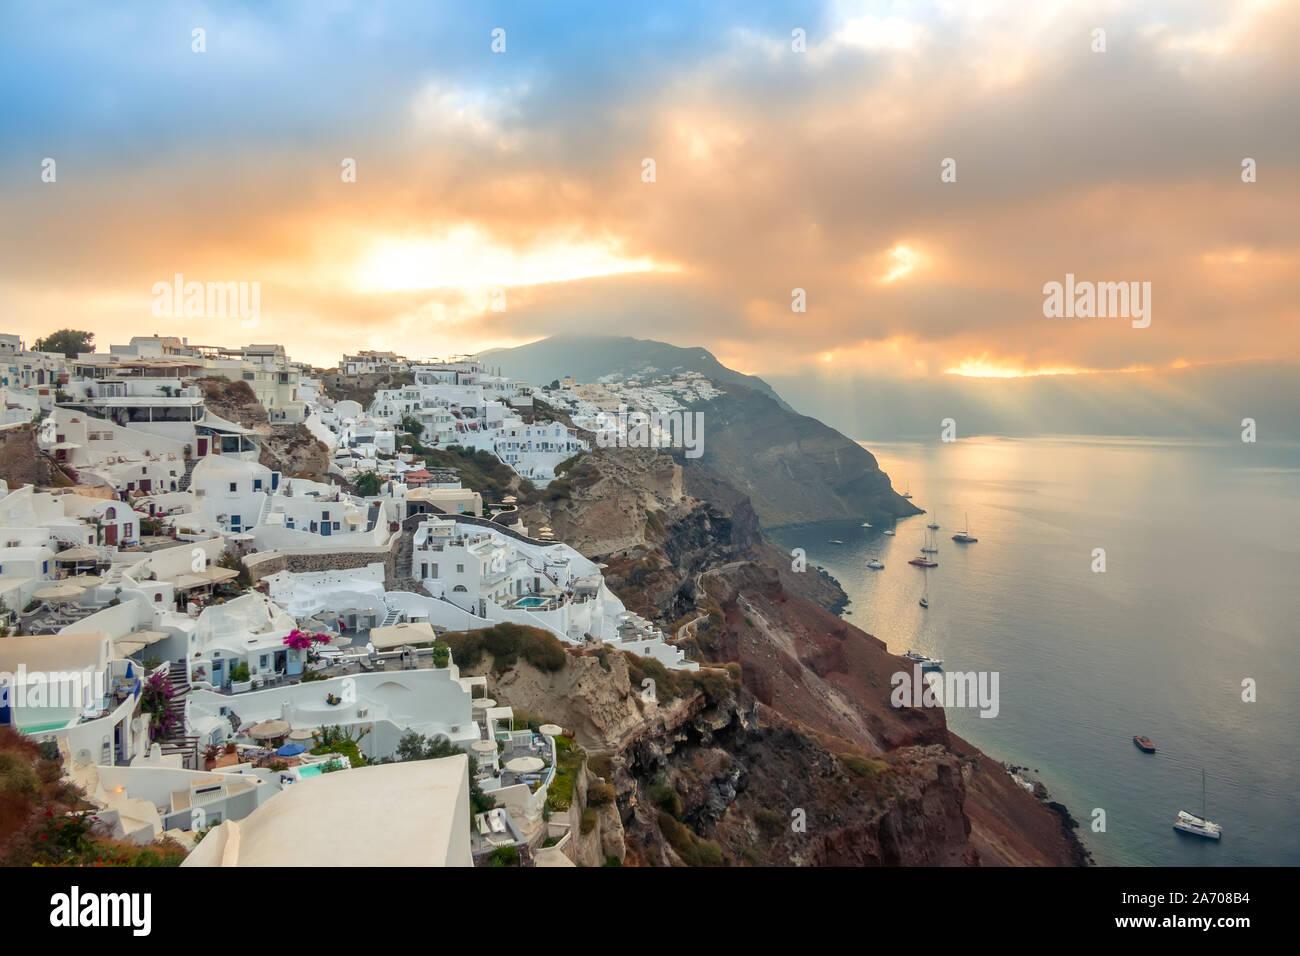 Grecia. La isla de Santorini. Las casas blancas de Oia, en la isla de Santorini. Yates y catamaranes en el anclaje. Amanecer Foto de stock